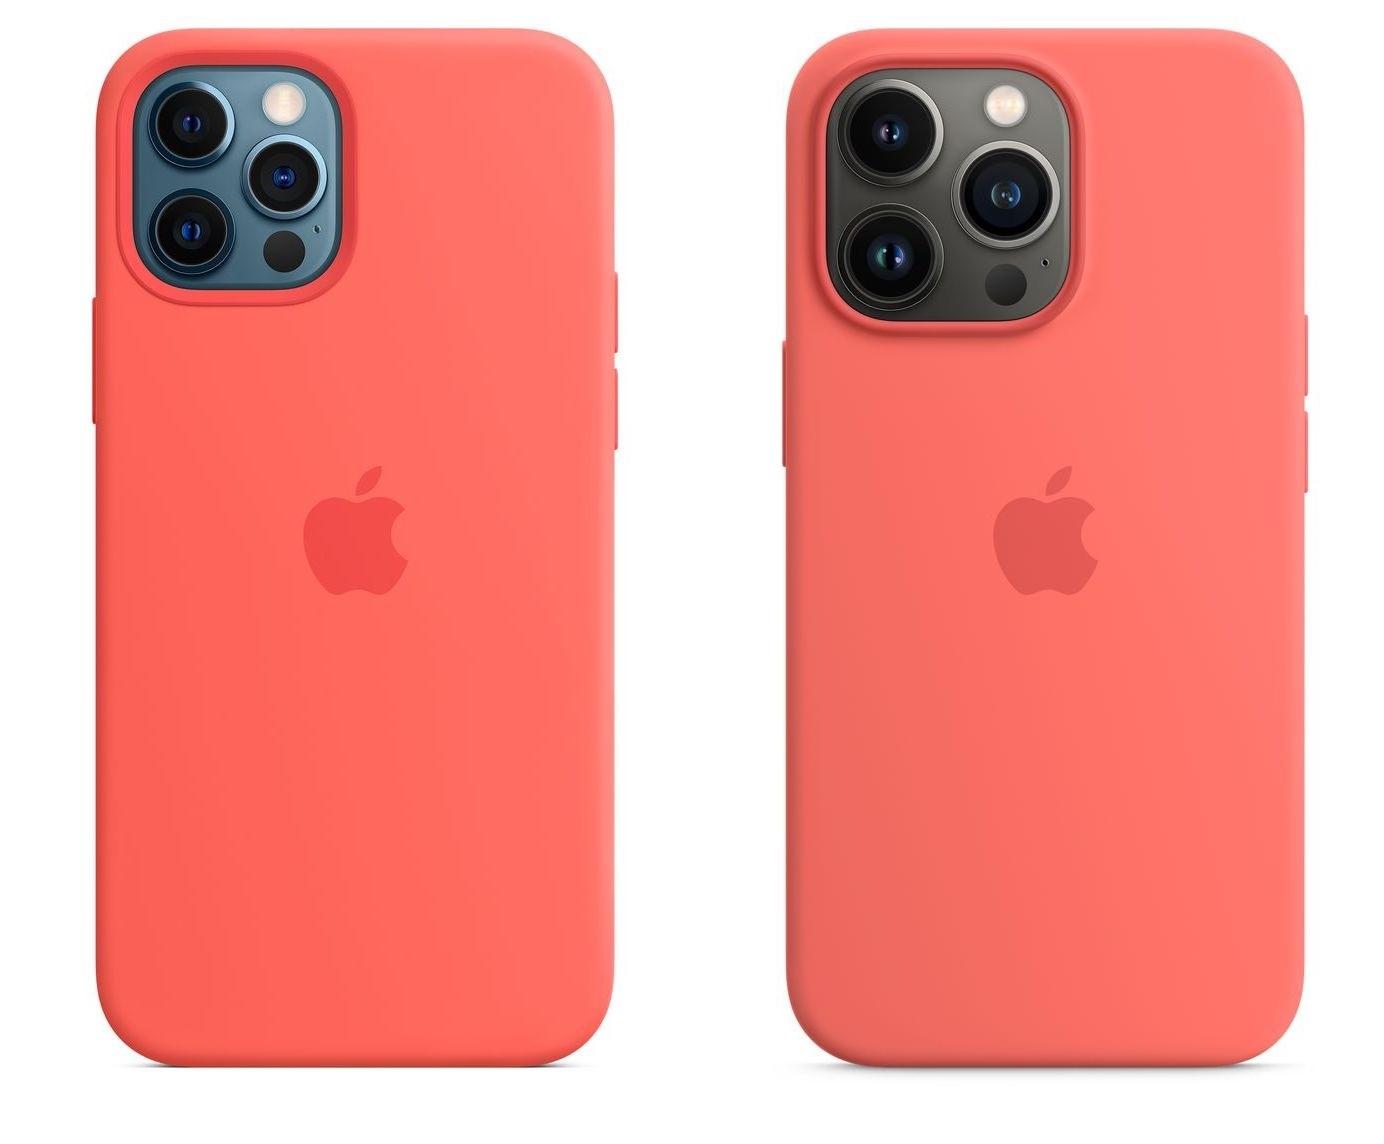 Pro-malleissa ero kamerakohouman koossa on merkittävin. Vasemmalla iPhone 12 Pro, oikealla iPhone 13 Pro.